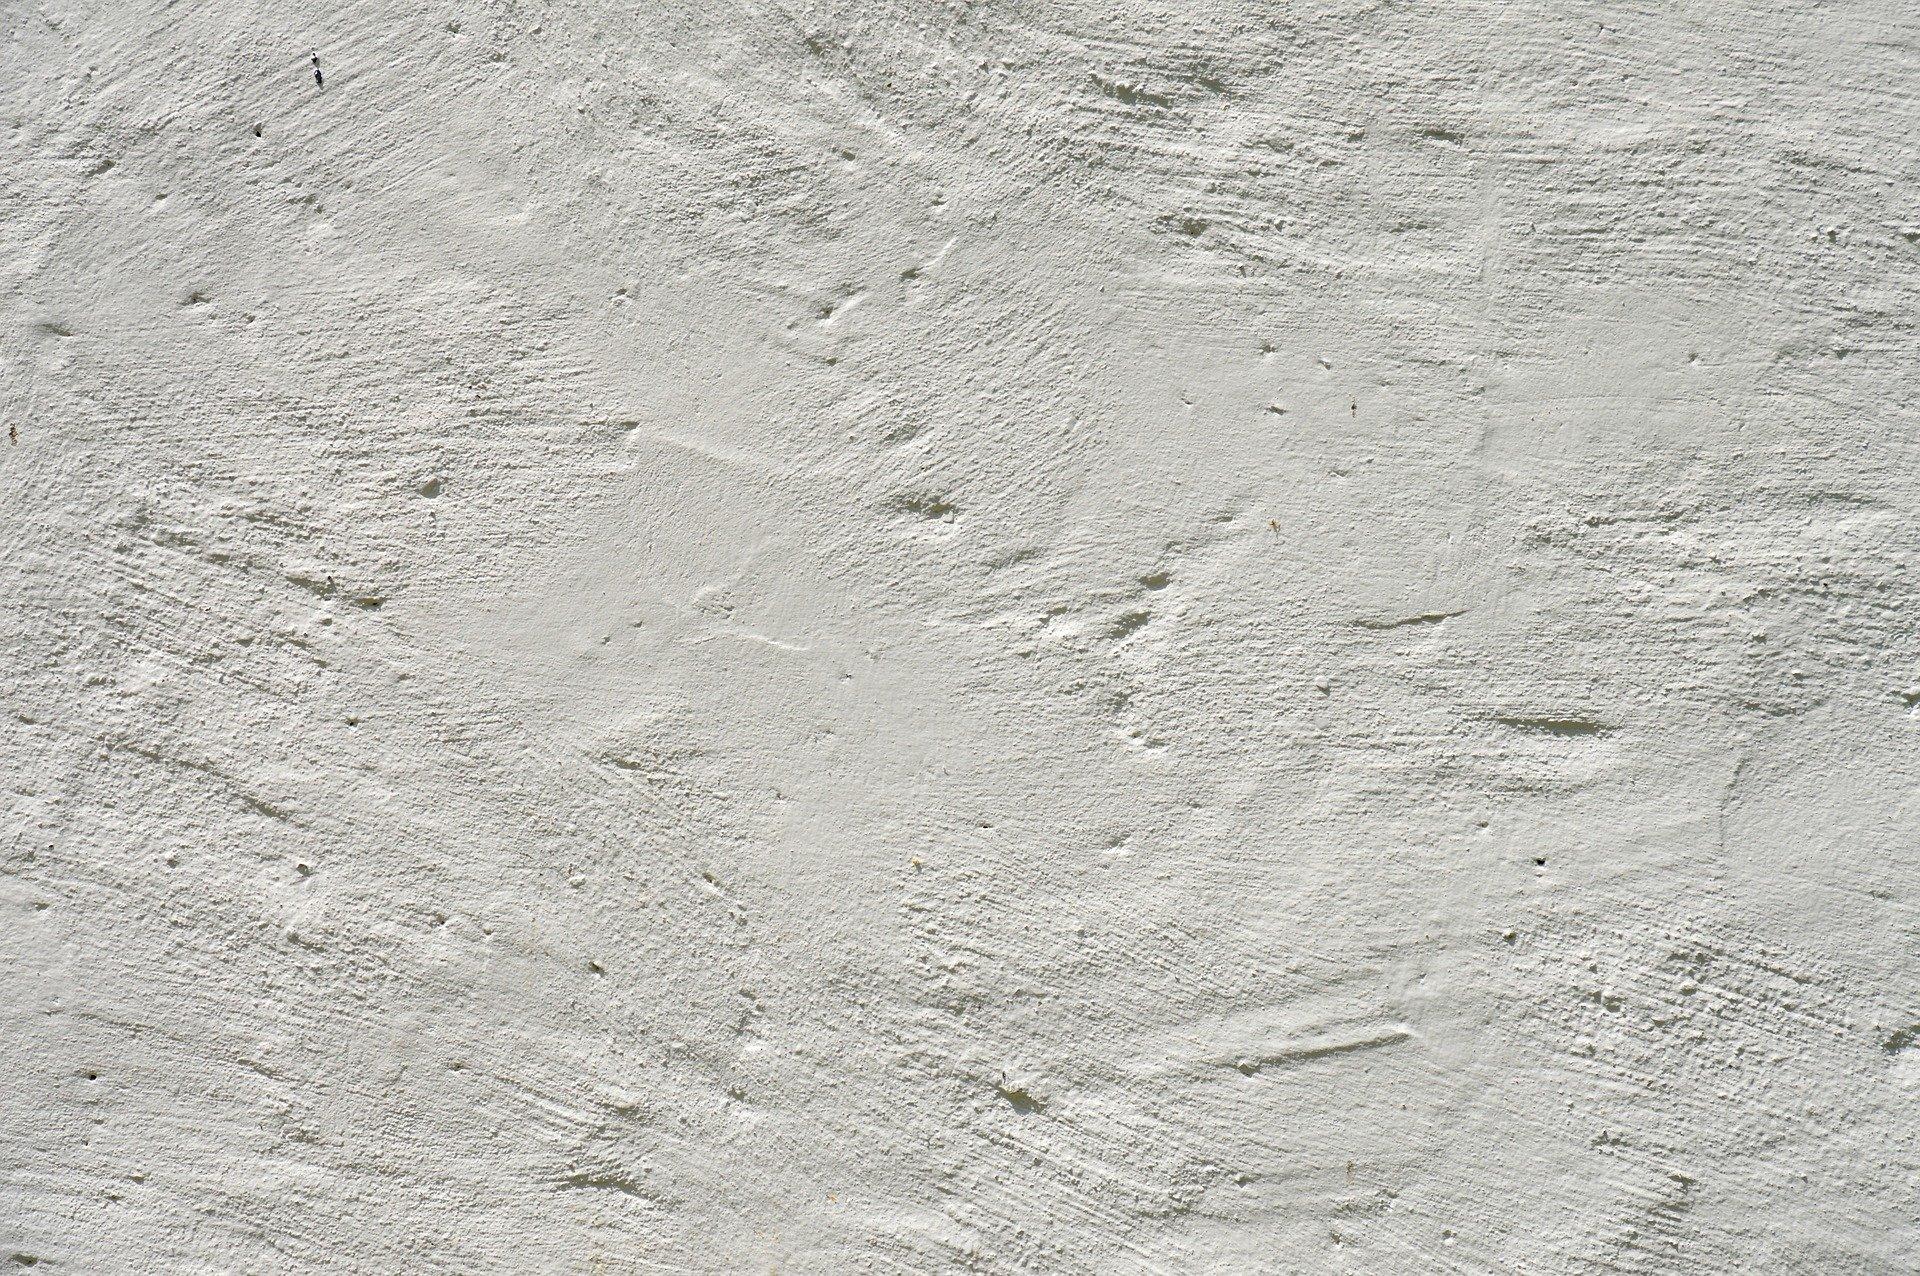 Tynk na ścianie - tekstura